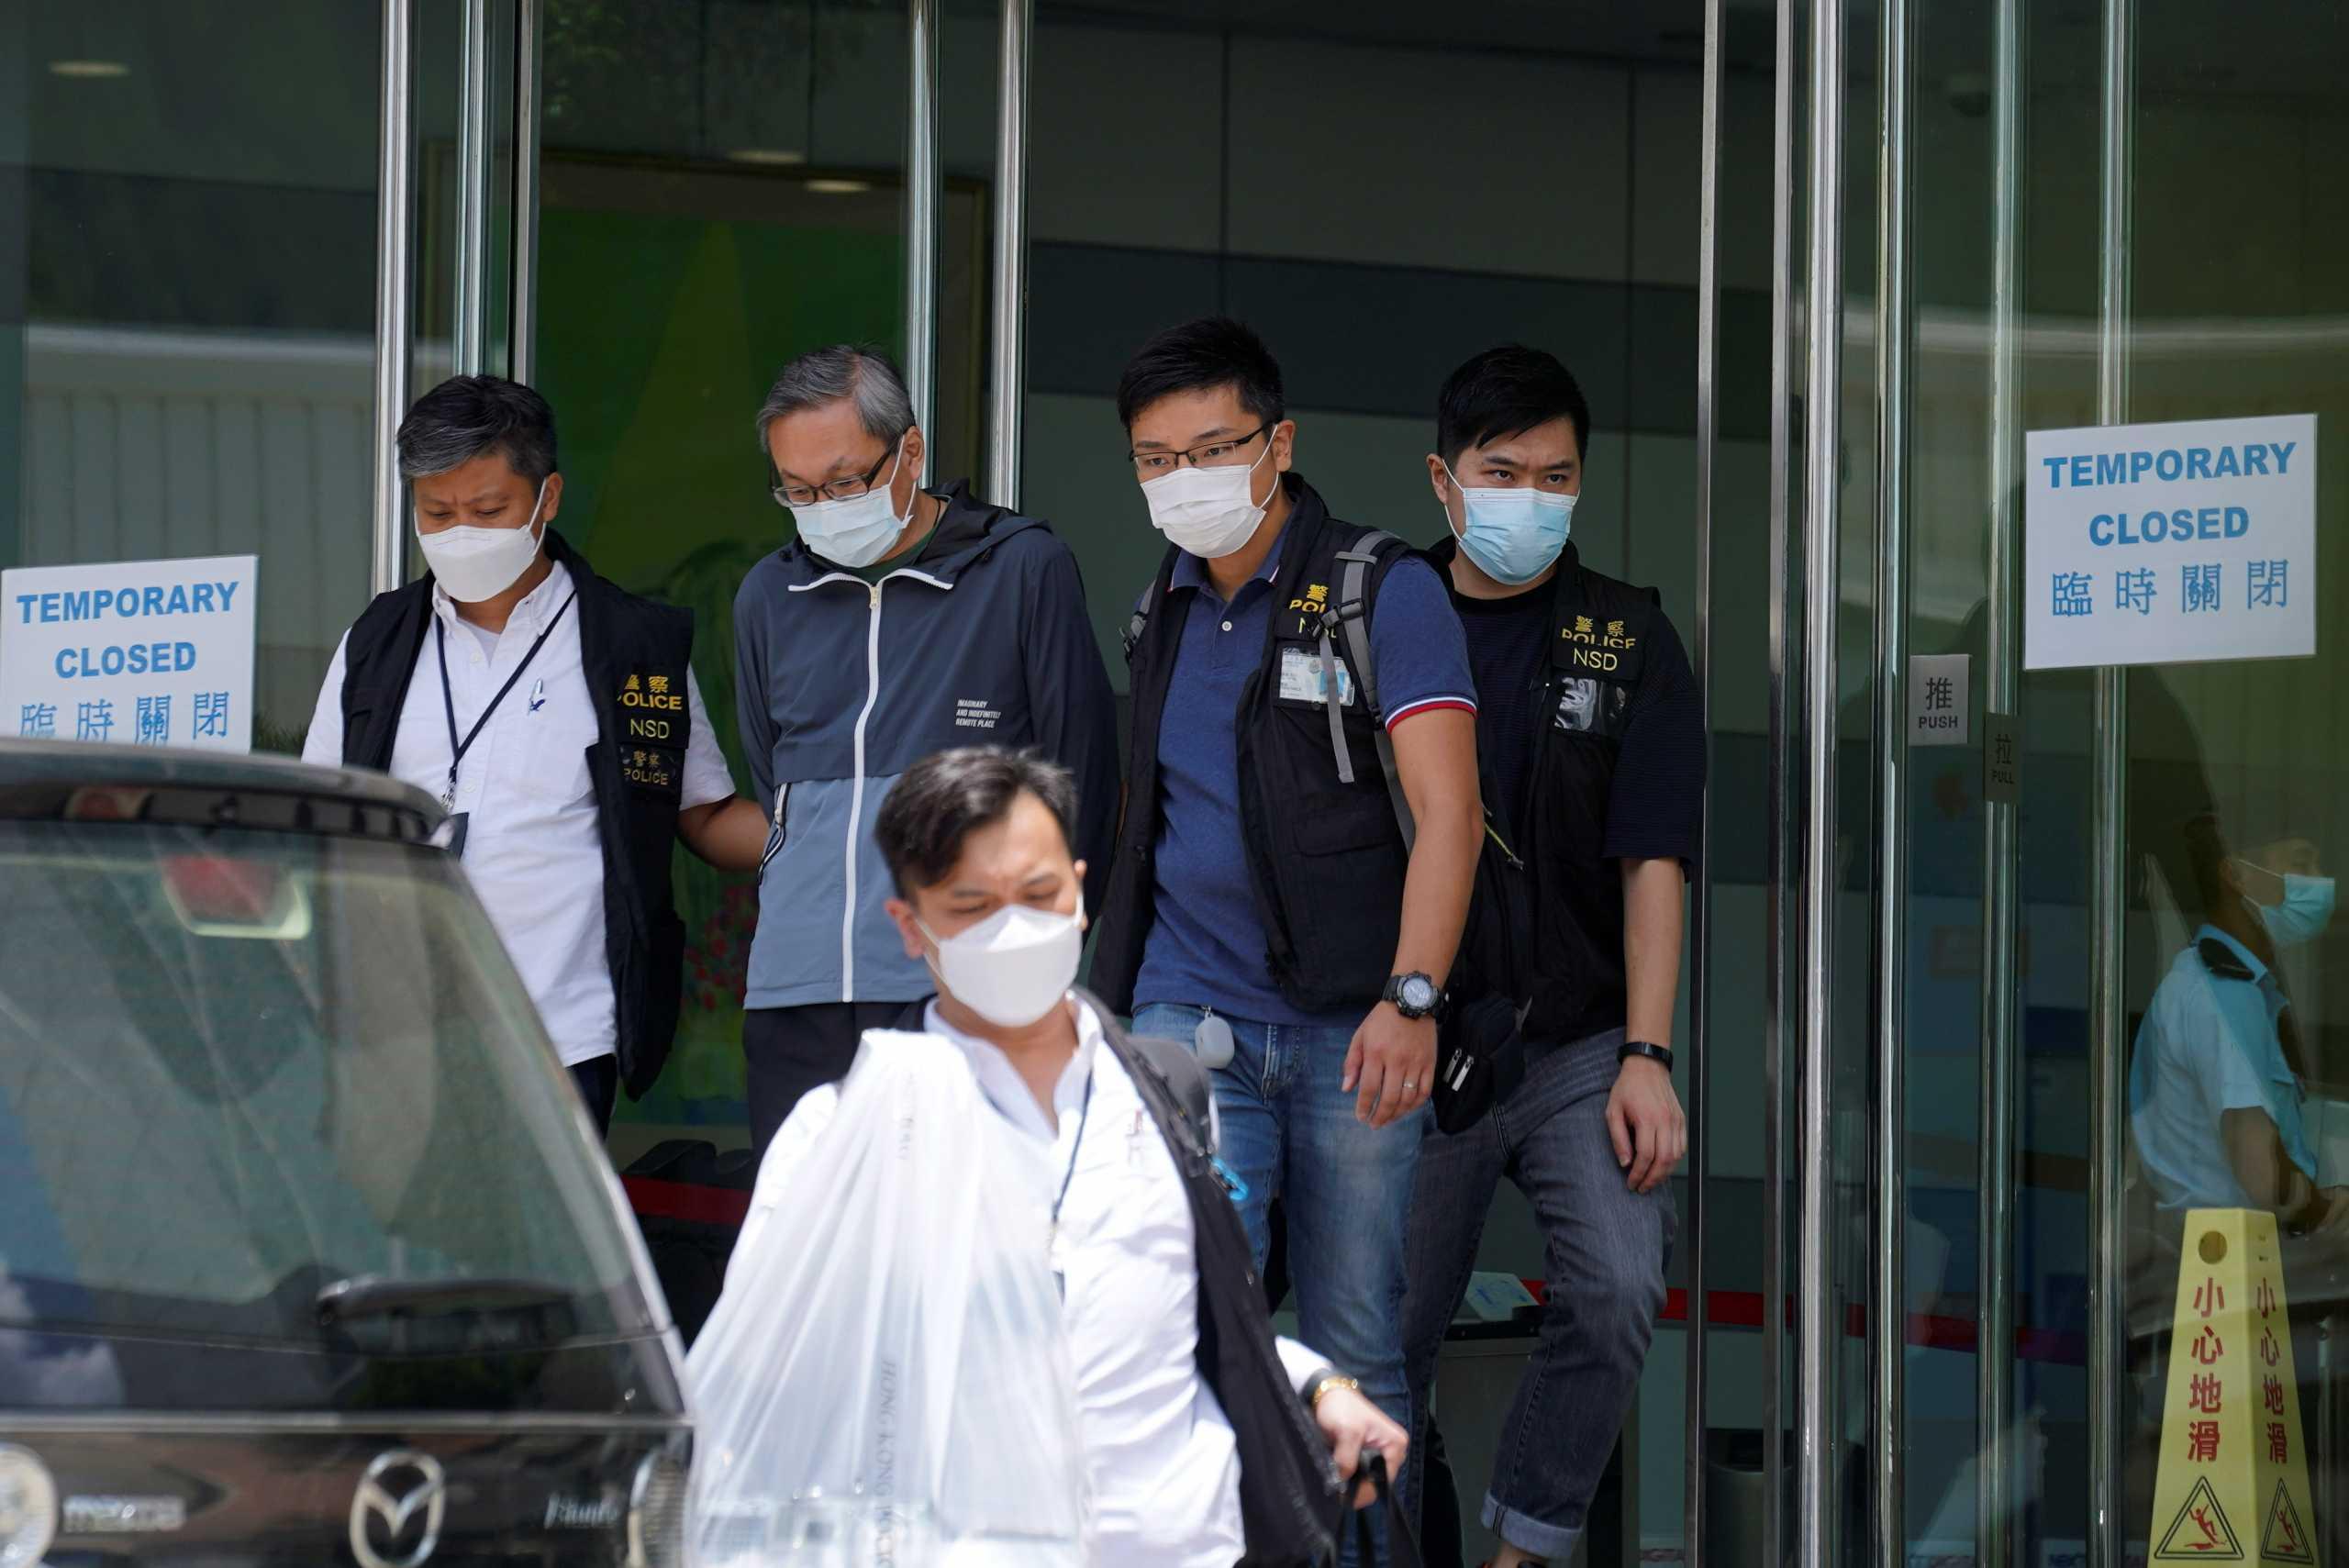 Χονγκ Κονγκ: Έφοδος εκατοντάδων αστυνομικών στην Apple Daily – Συλλήψεις για λόγους «εθνικής ασφάλειας» (pics, vids)